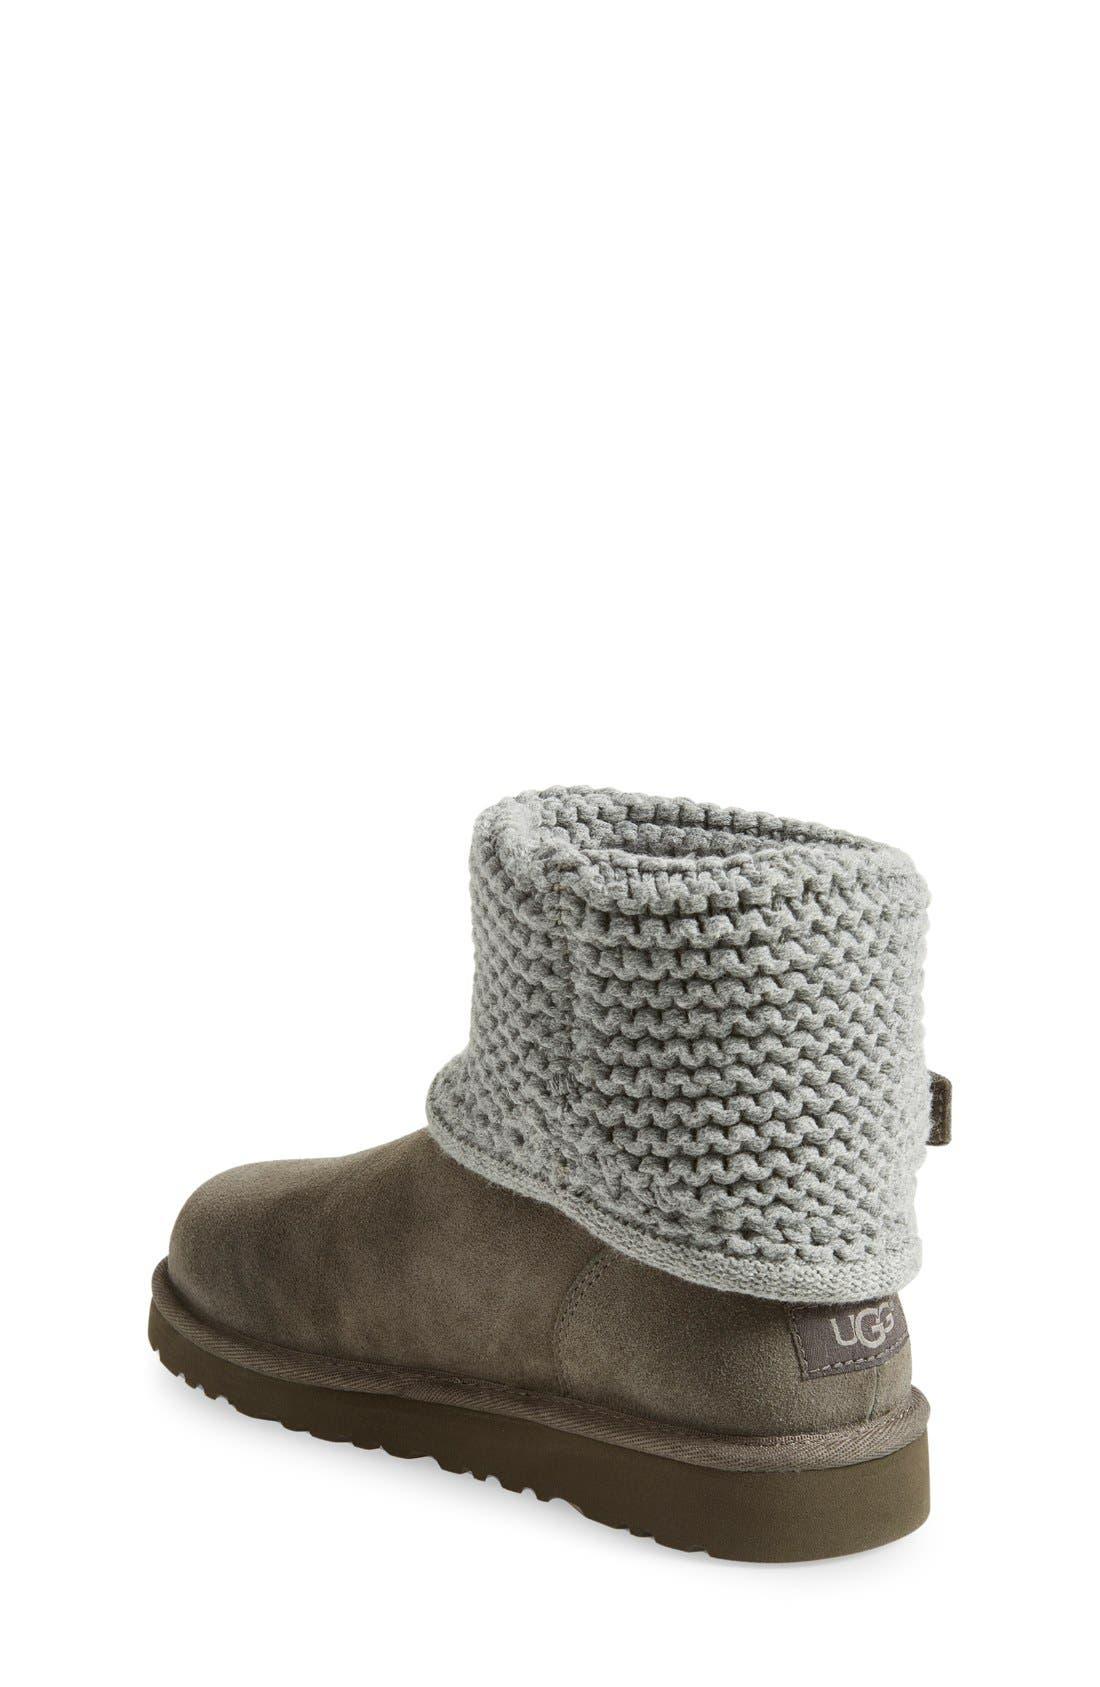 Alternate Image 2  - UGG® Darrah Purl Knit Cuff Boot (Little Kid & Big Kid)